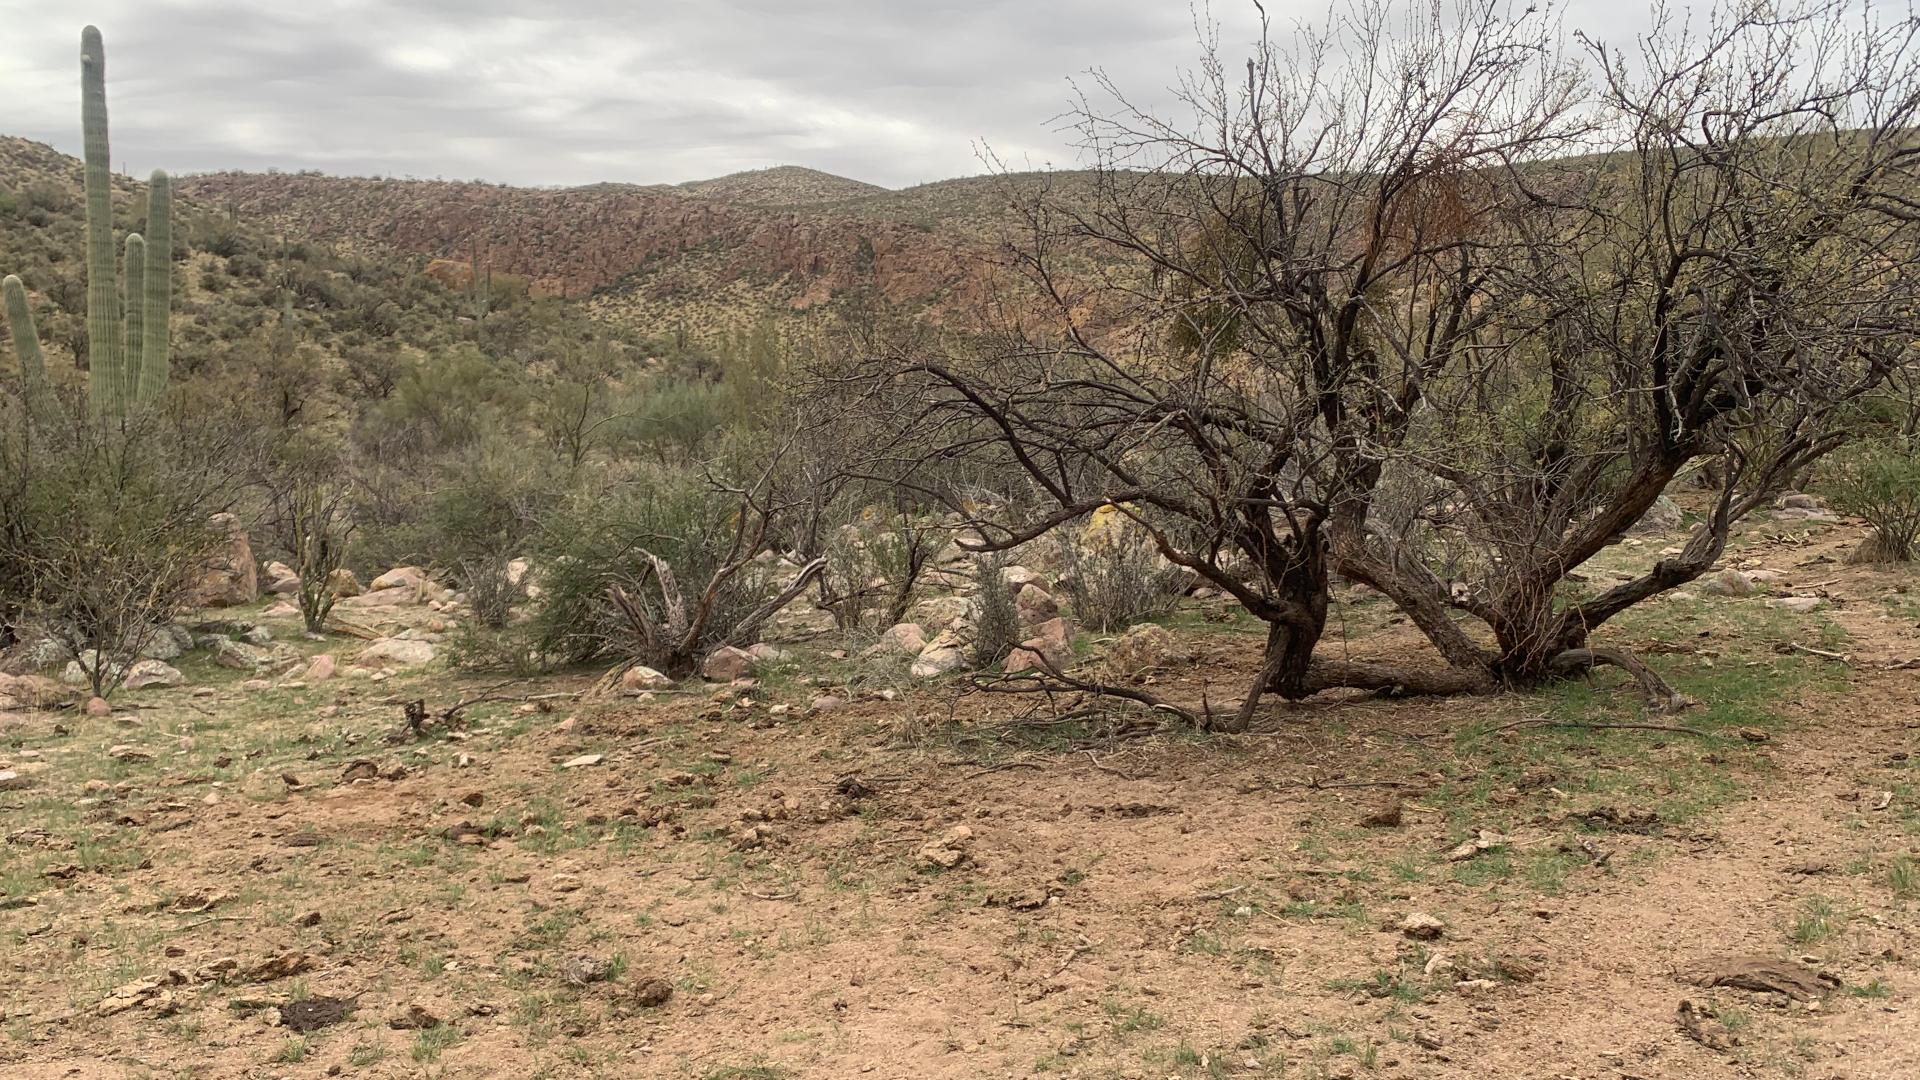 cattle damage White Canyon